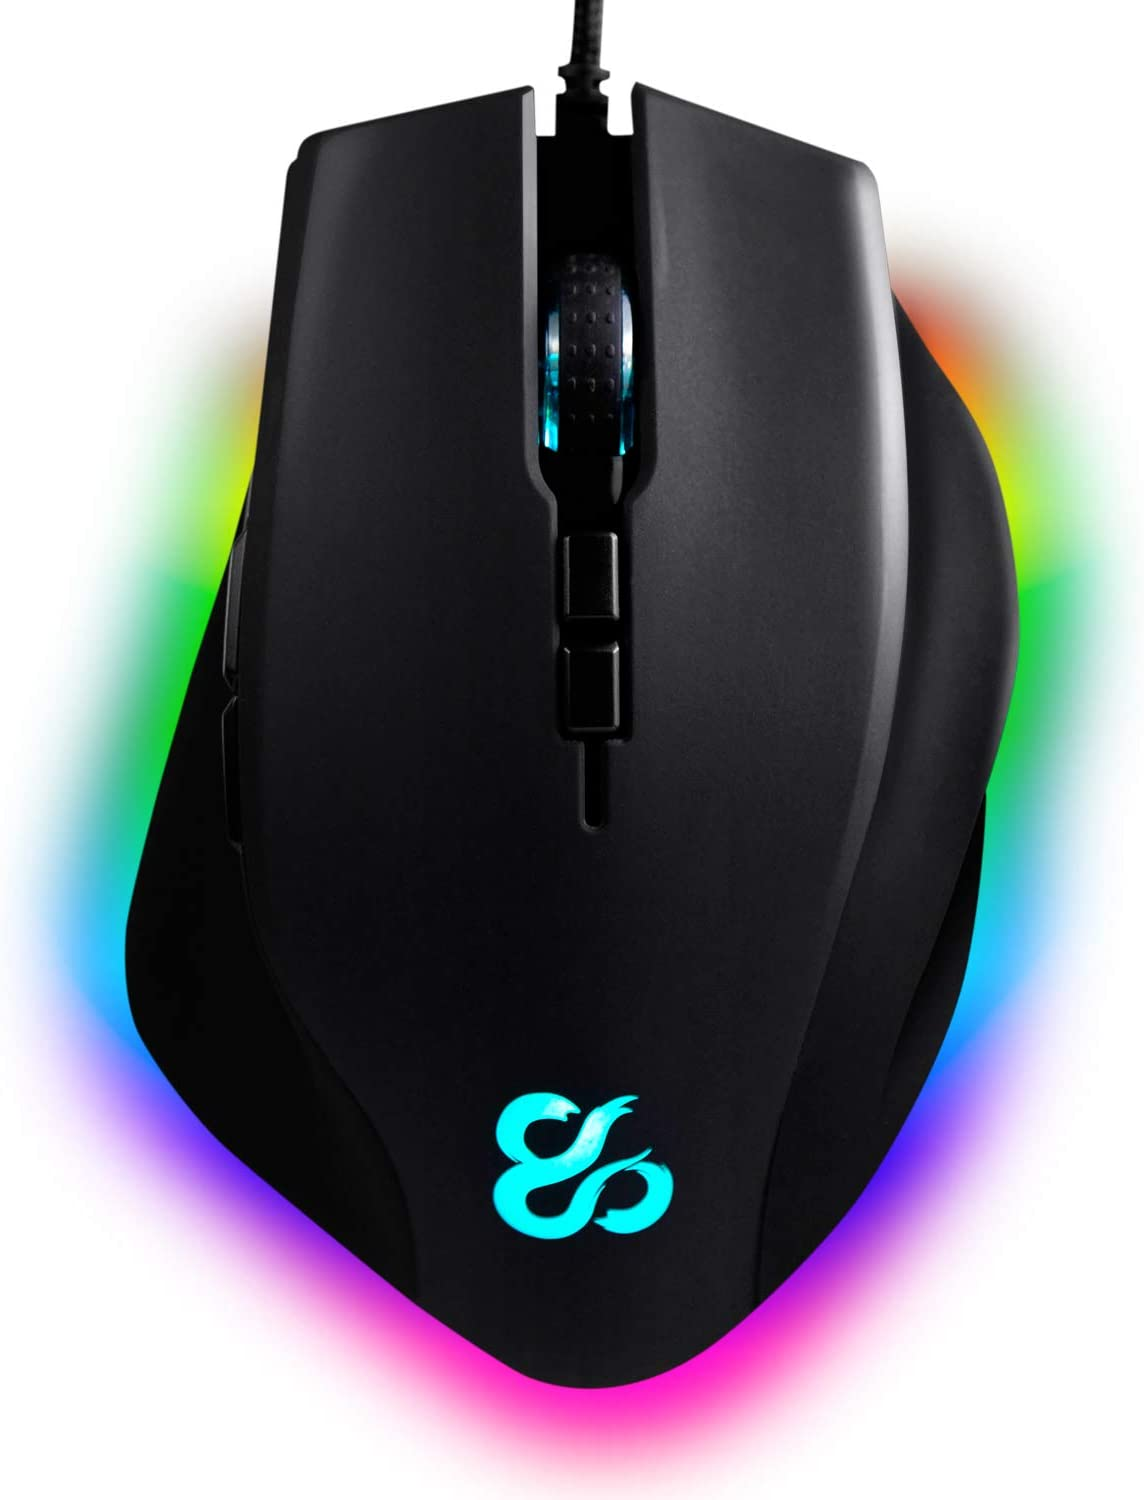 Newskill Ratón Gaming habrok con Sensor óptico (16000 dpi), botón Lateral para Sniper e iluminación RGB.